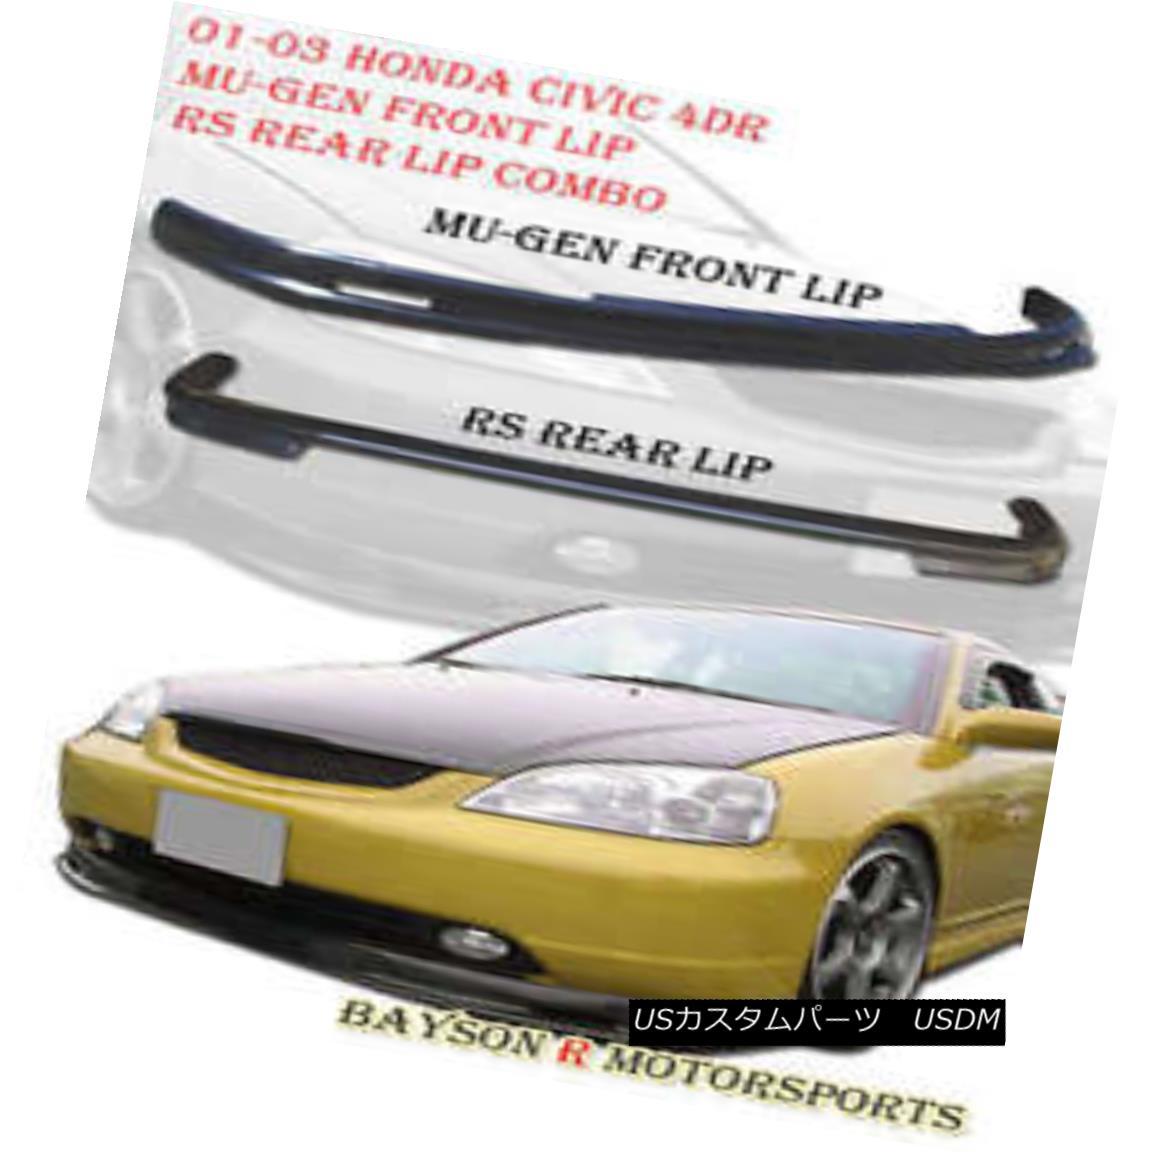 エアロパーツ Mu-gen Style Front + RS Style Rear Lip Fits 01-03 Honda Civic 4dr Mu-genスタイルフロント+ RSスタイルリアリップフィット01-03 Honda Civic 4dr